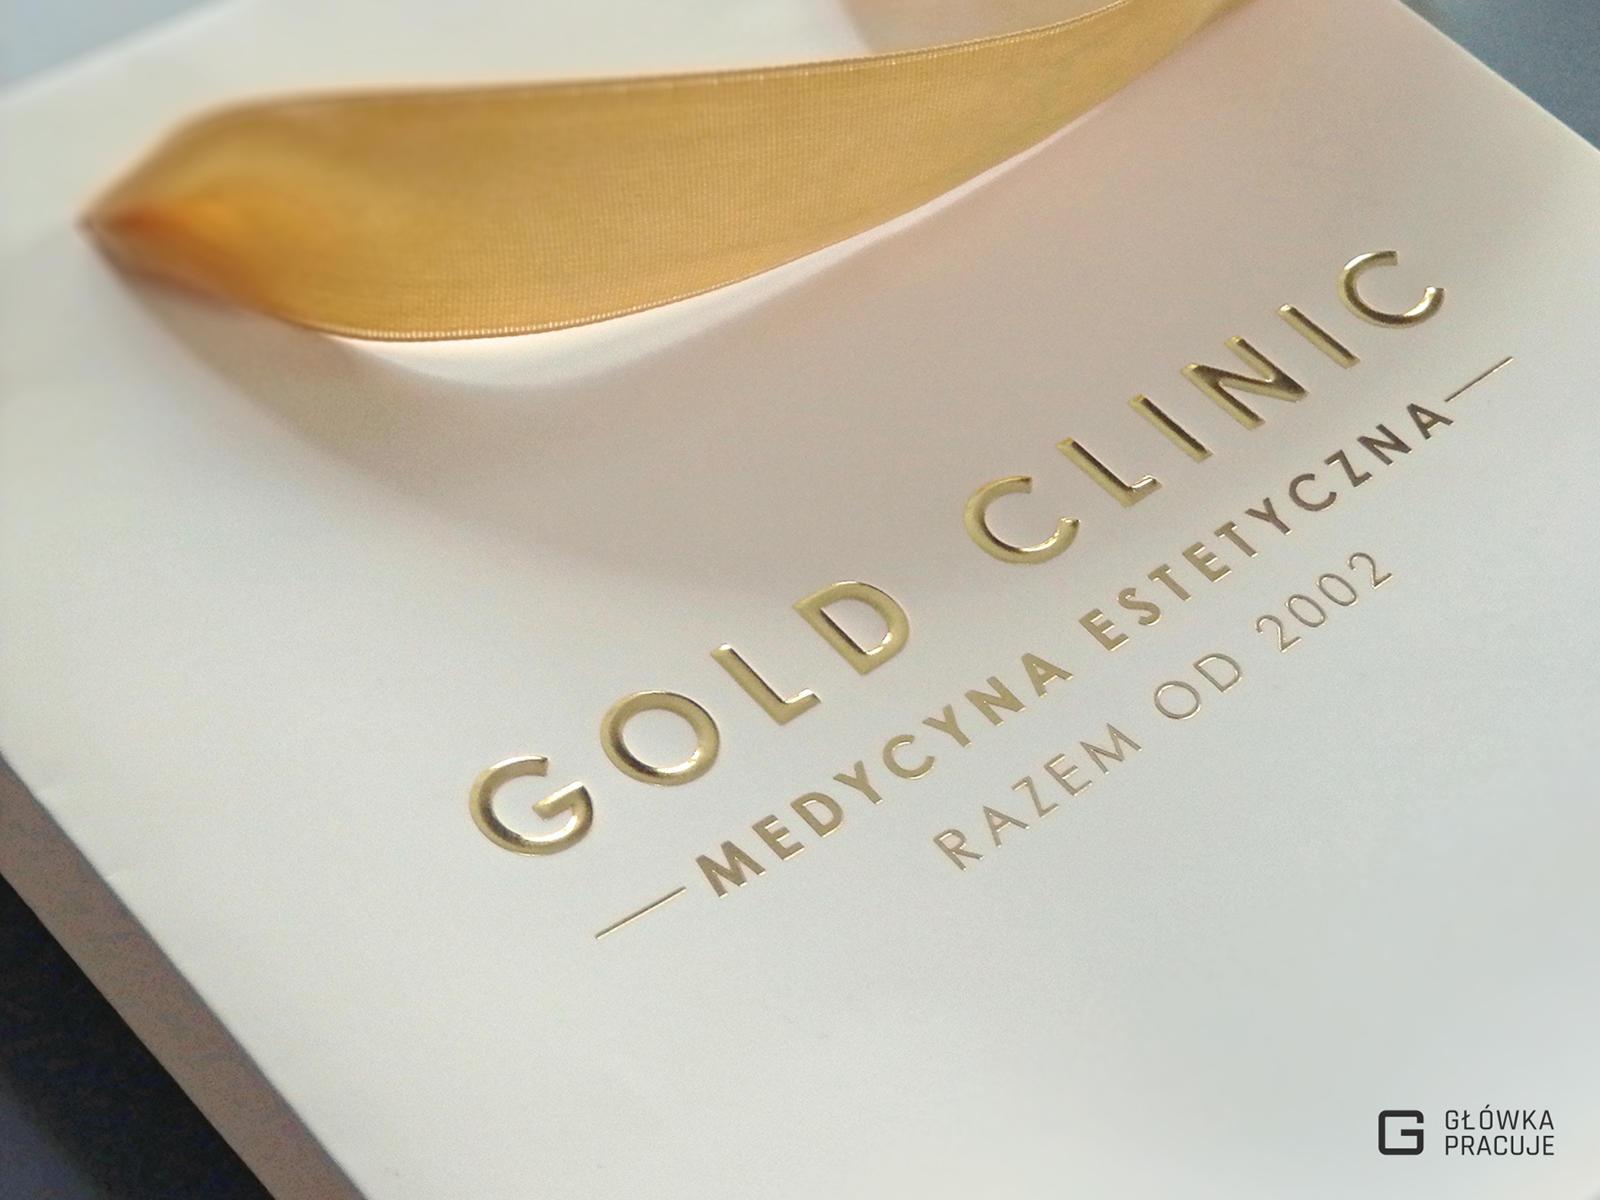 Główka pracuje pl torba reklamowa ze złotym hotstampingiem i tłoczeniem